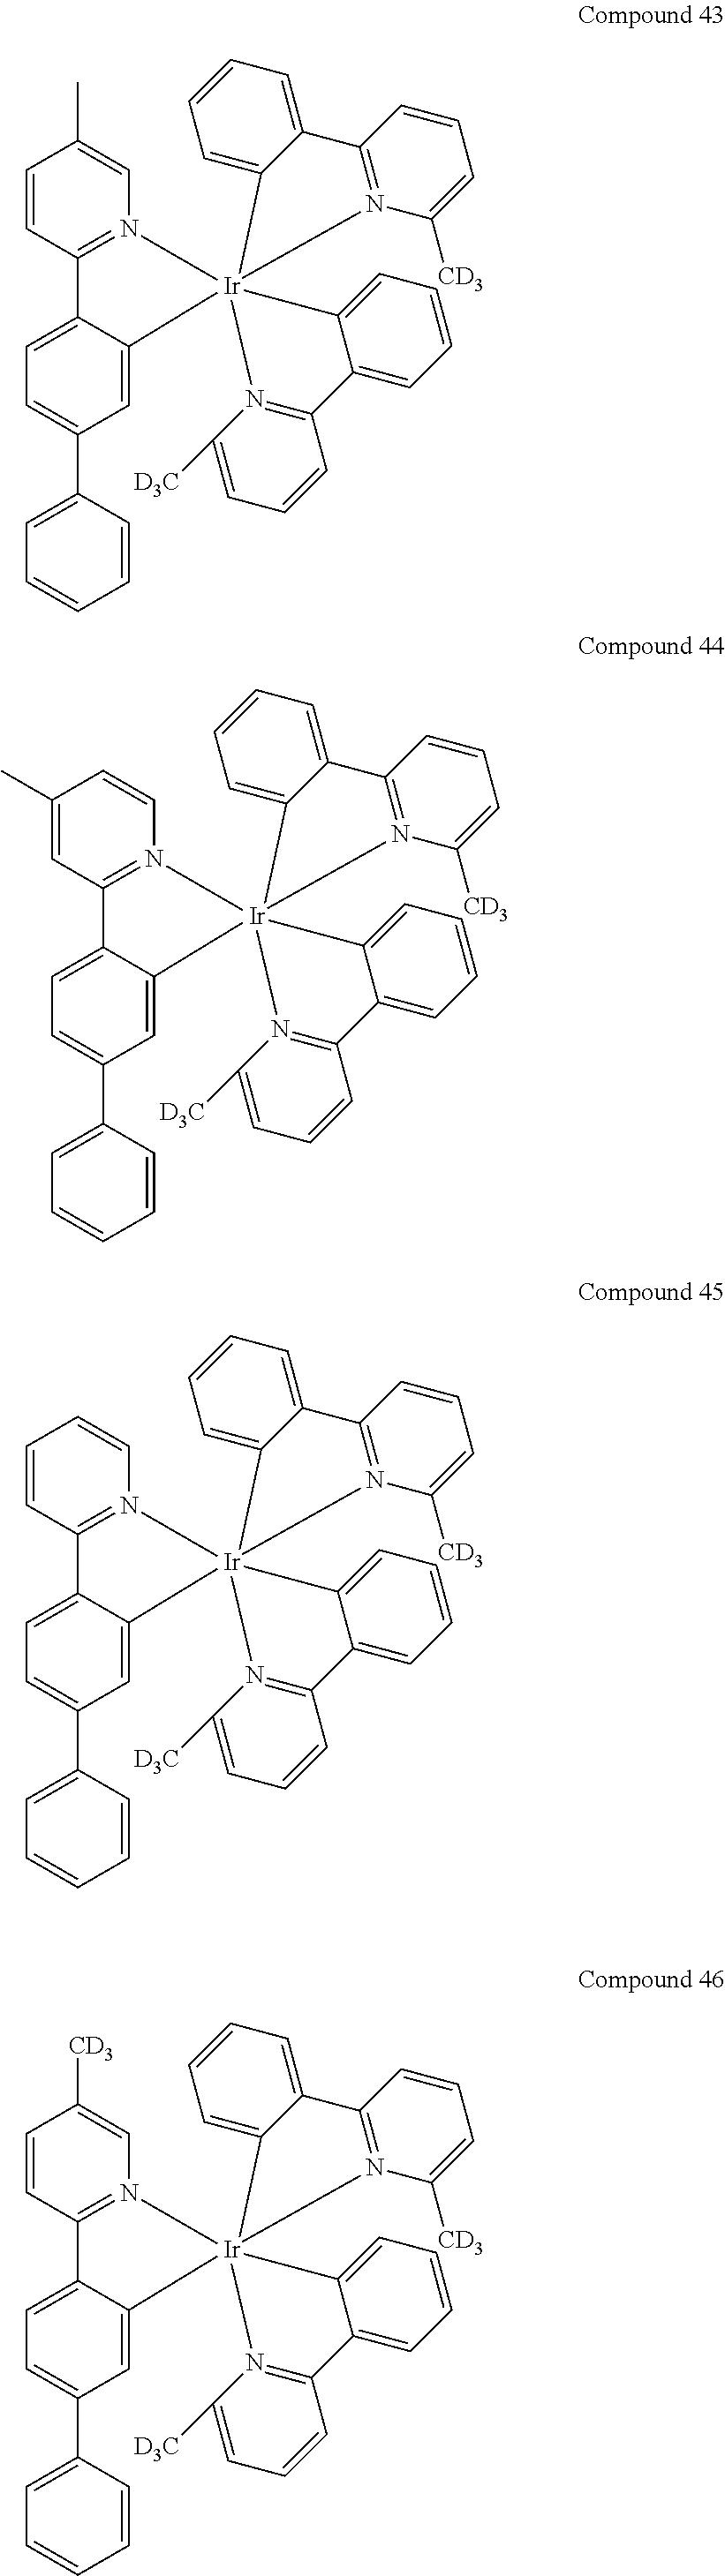 Figure US20100270916A1-20101028-C00192